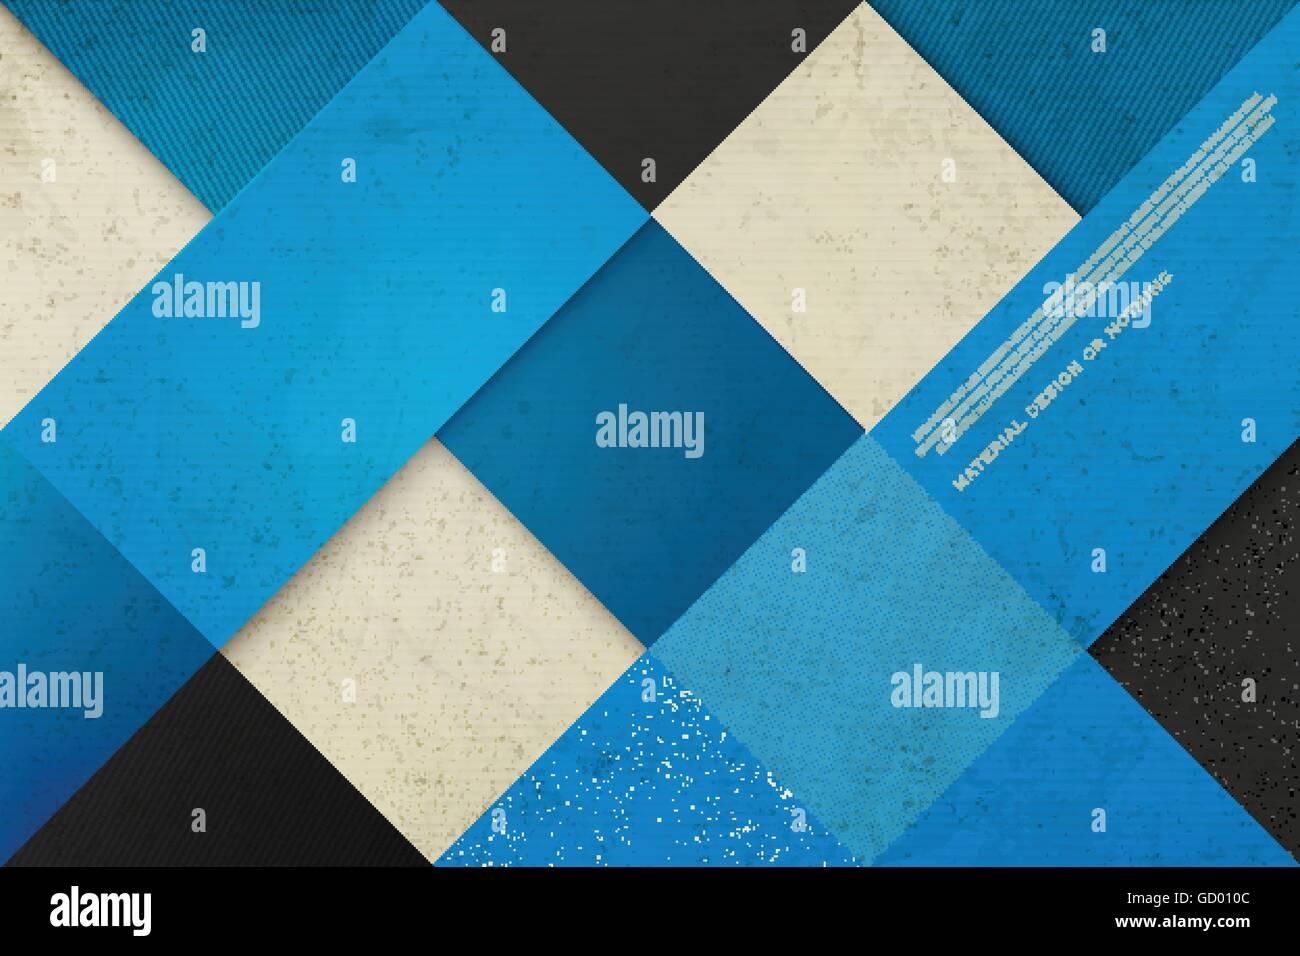 Resume Fond Bleu Avec Cadres En Difficulte Vecteur Geometrique